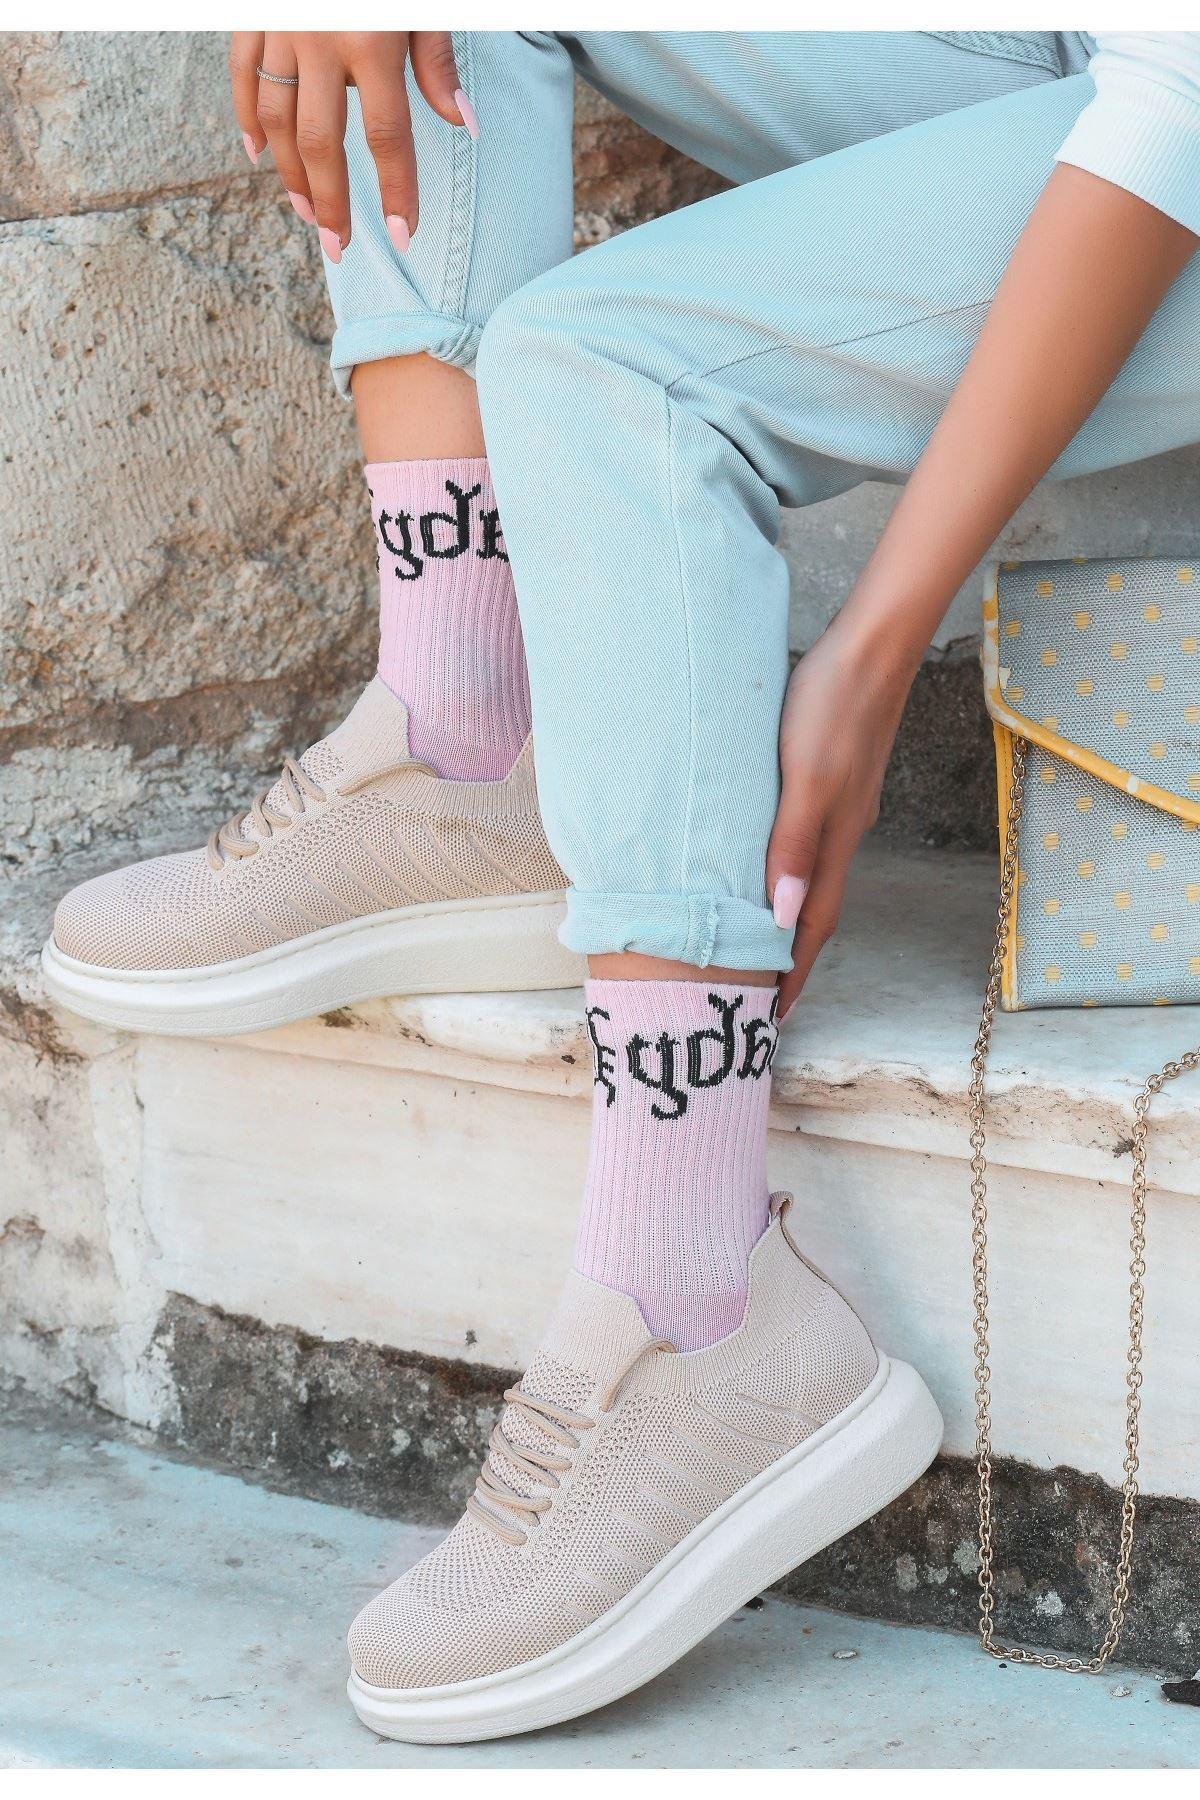 Fidox Krem Triko Bağcıklı Spor Ayakkabı